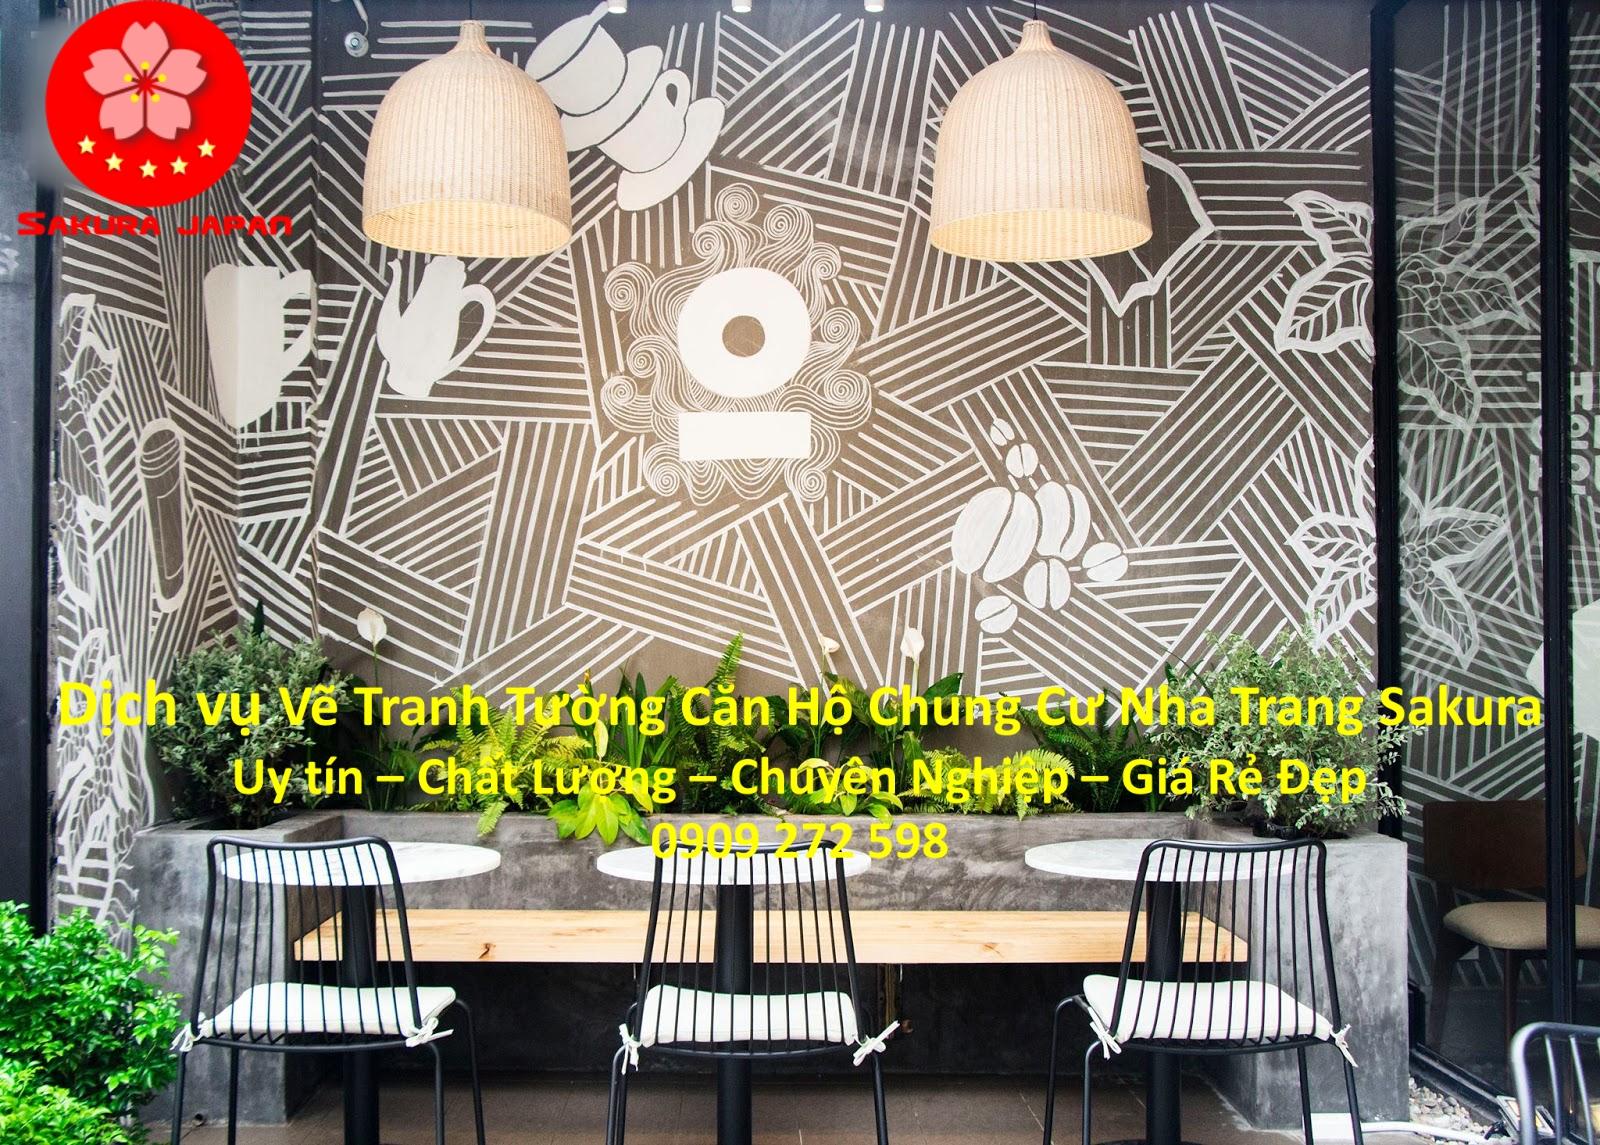 Vẽ Tranh Tường Căn hộ Chung Cư Nha Trang chuyên Nghiệp